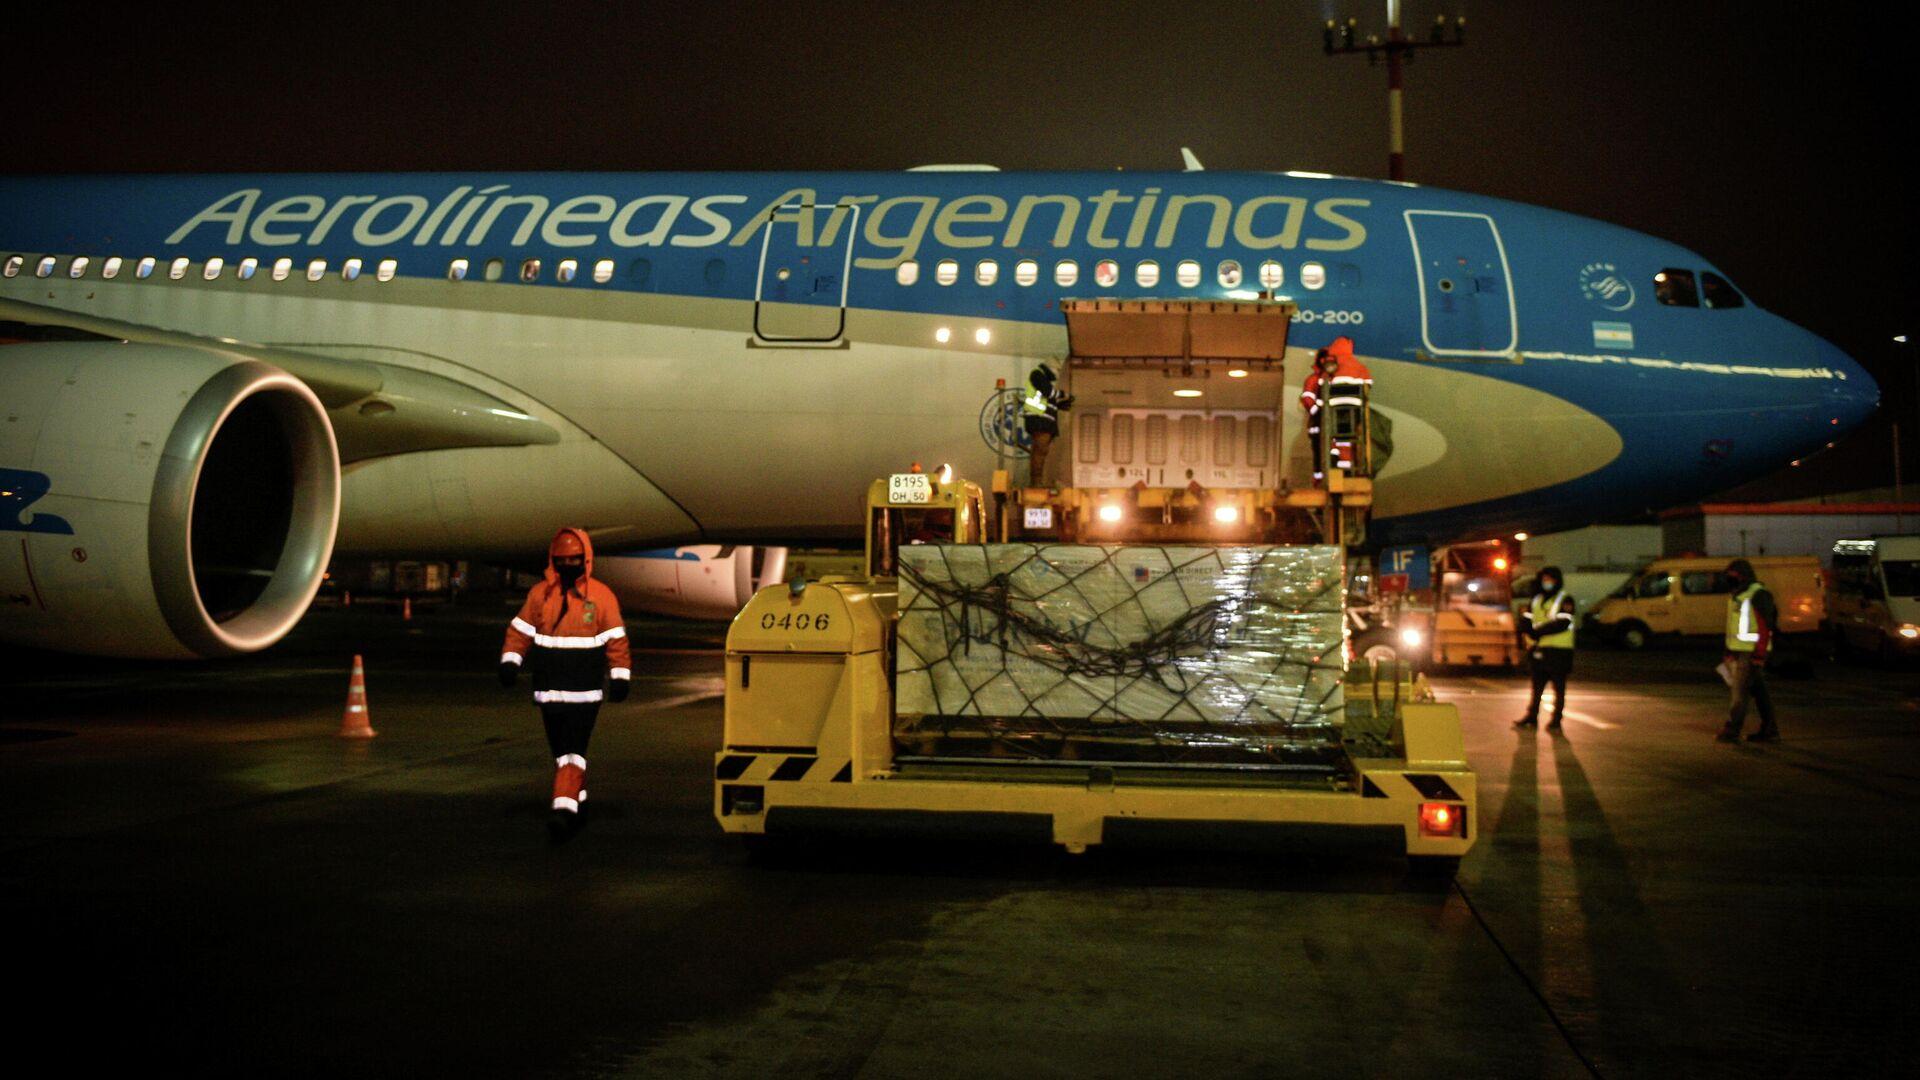 Партия вакцины Sputnik V во время погрузки в самолет авиакомпании Aerolineas Argentinas в аэропорту Шереметьево - РИА Новости, 1920, 24.12.2020